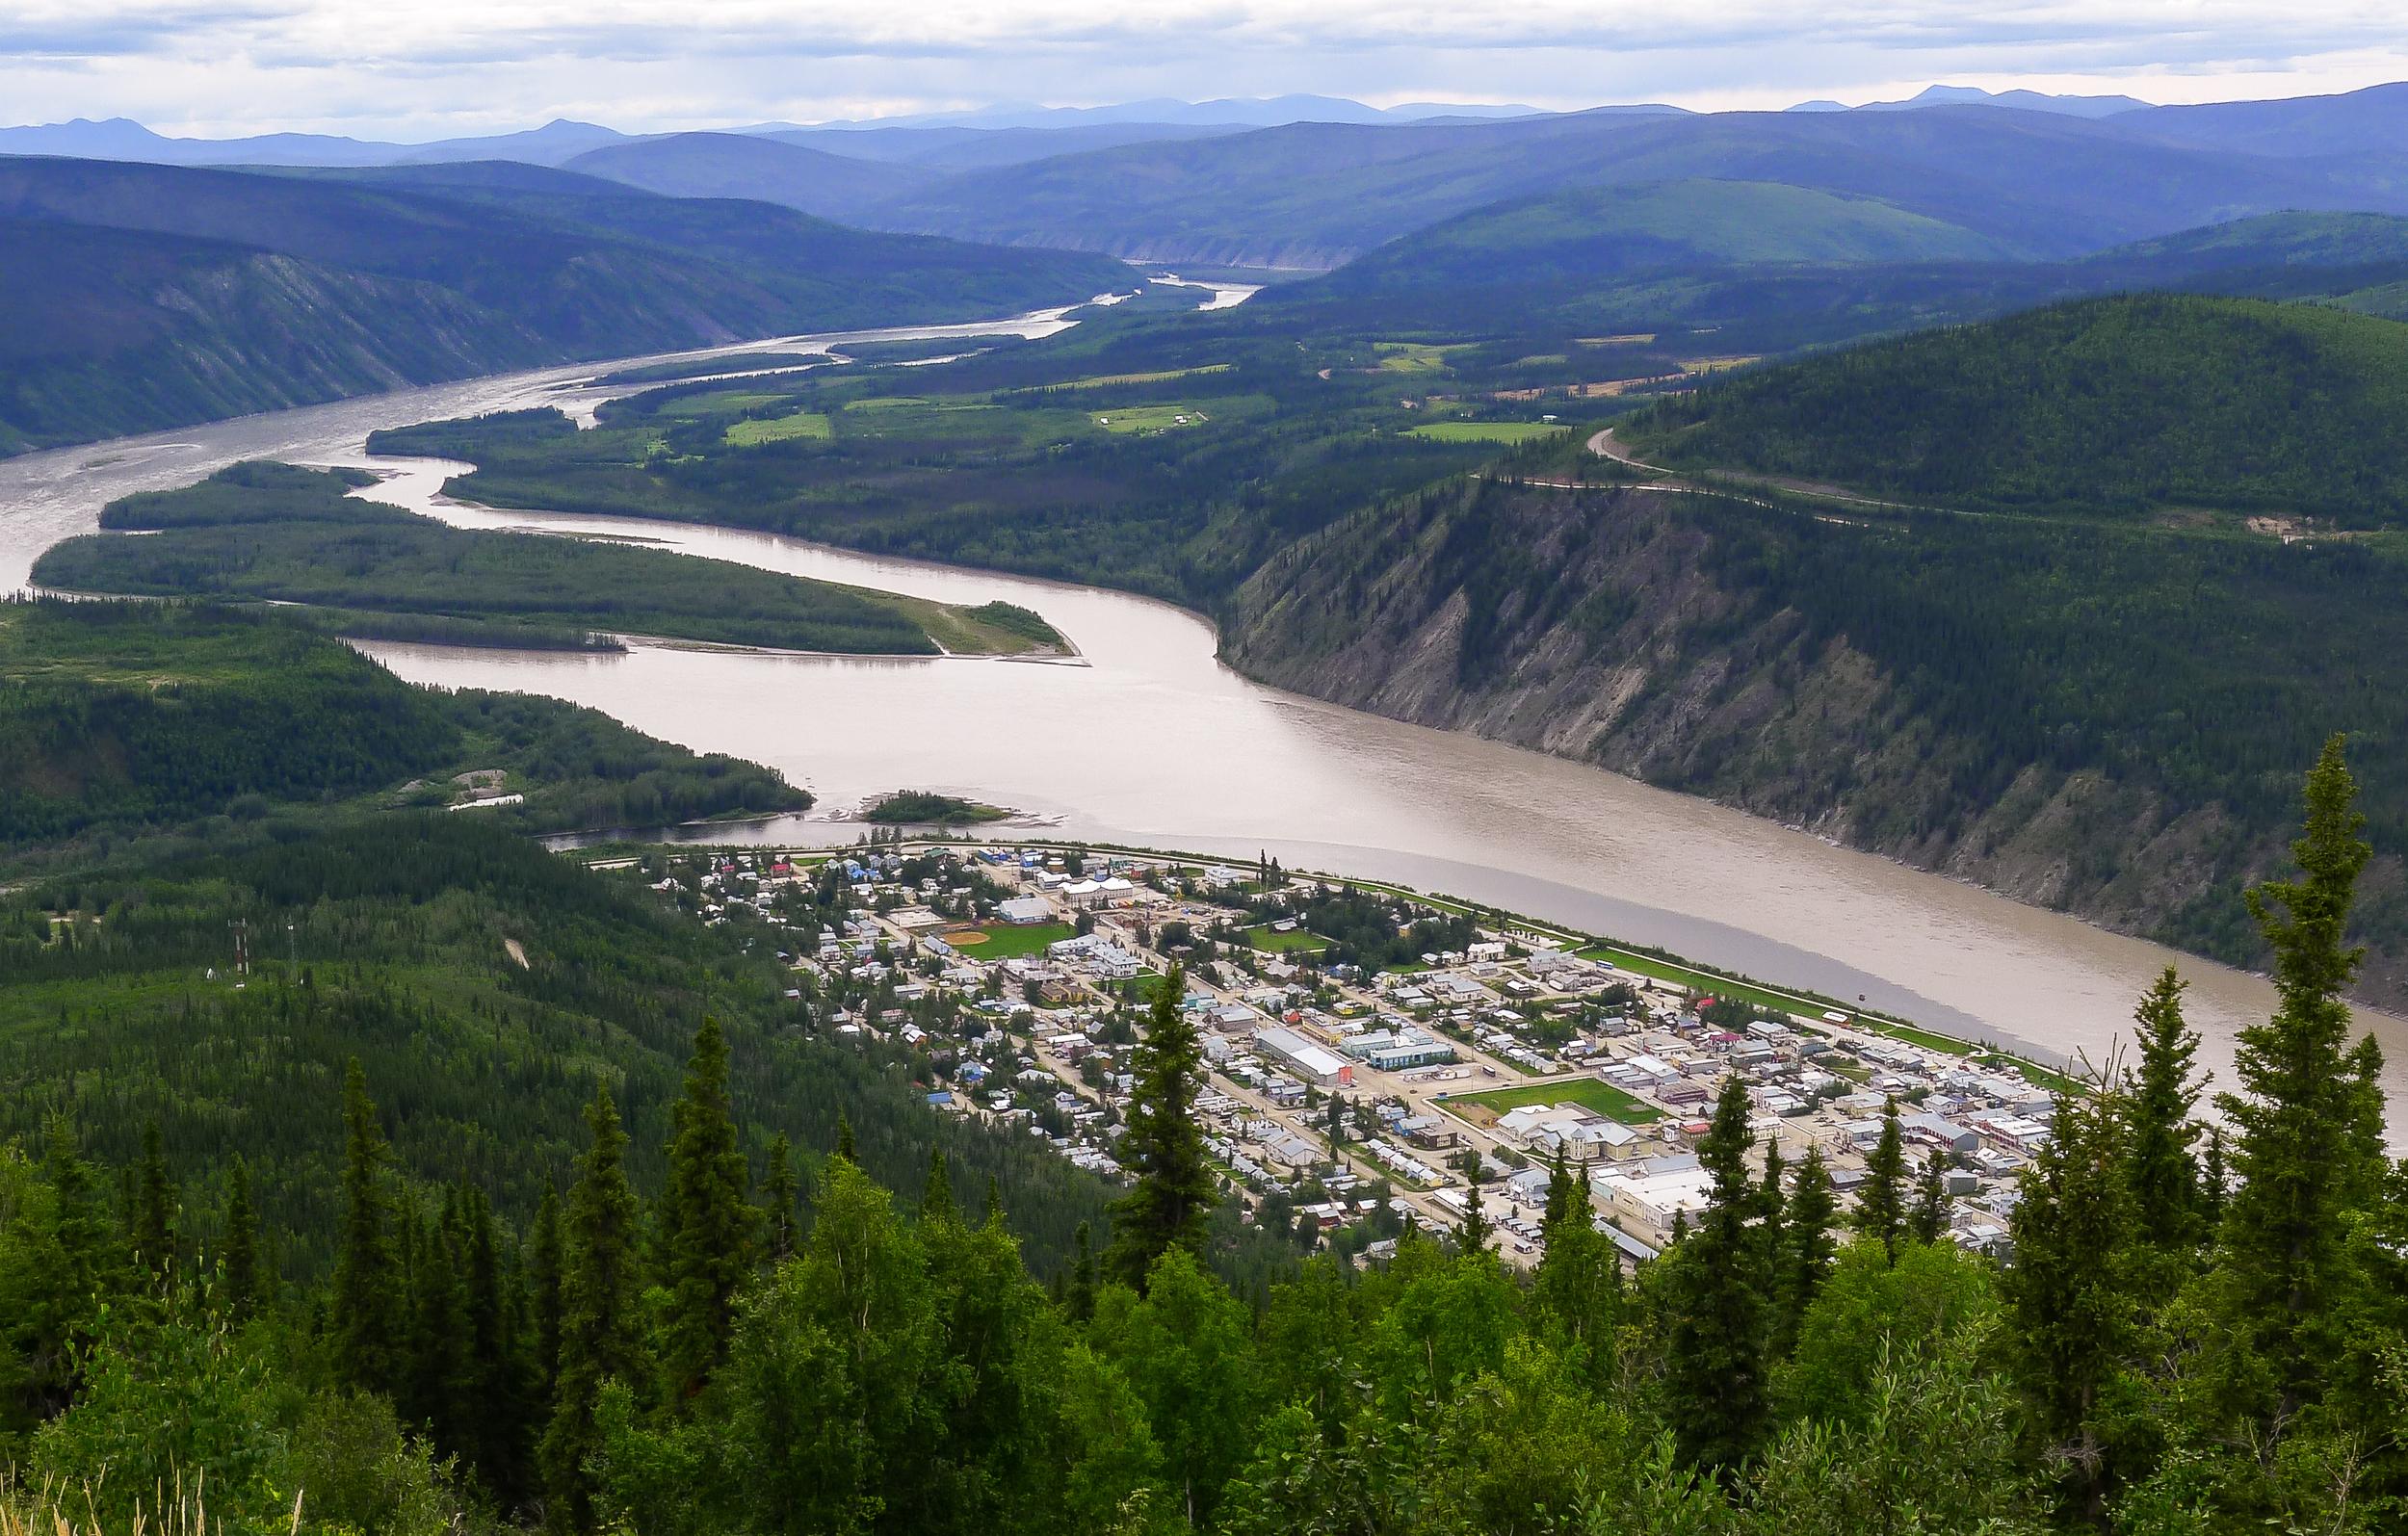 Dawson City, Yukon - Photo by https://www.flickr.com/photos/barahir/